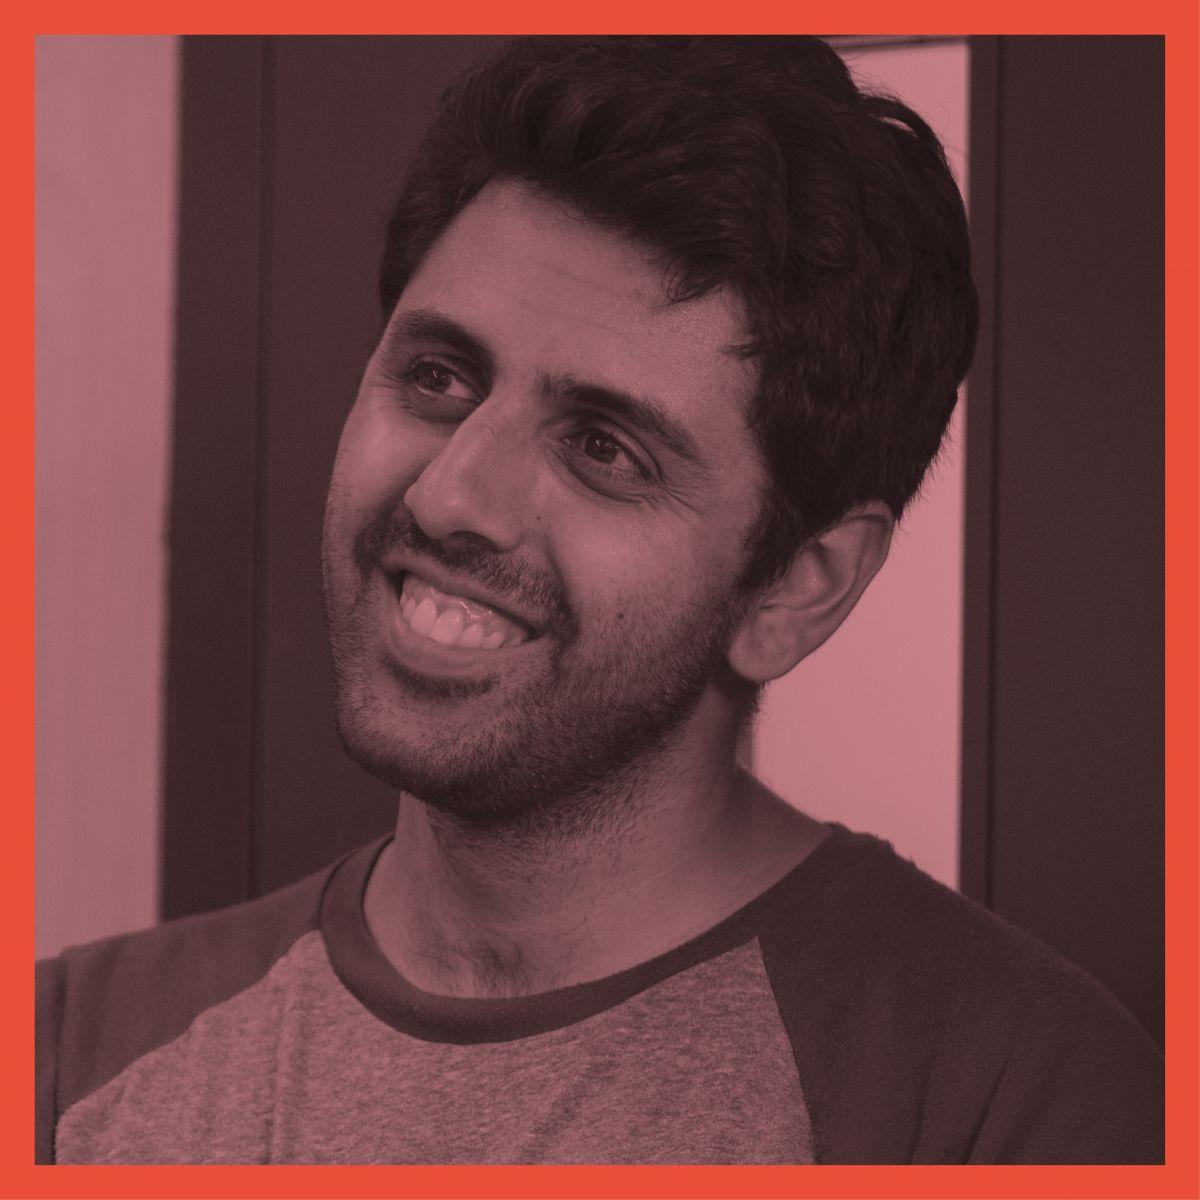 Episode 14: Vinay Patel